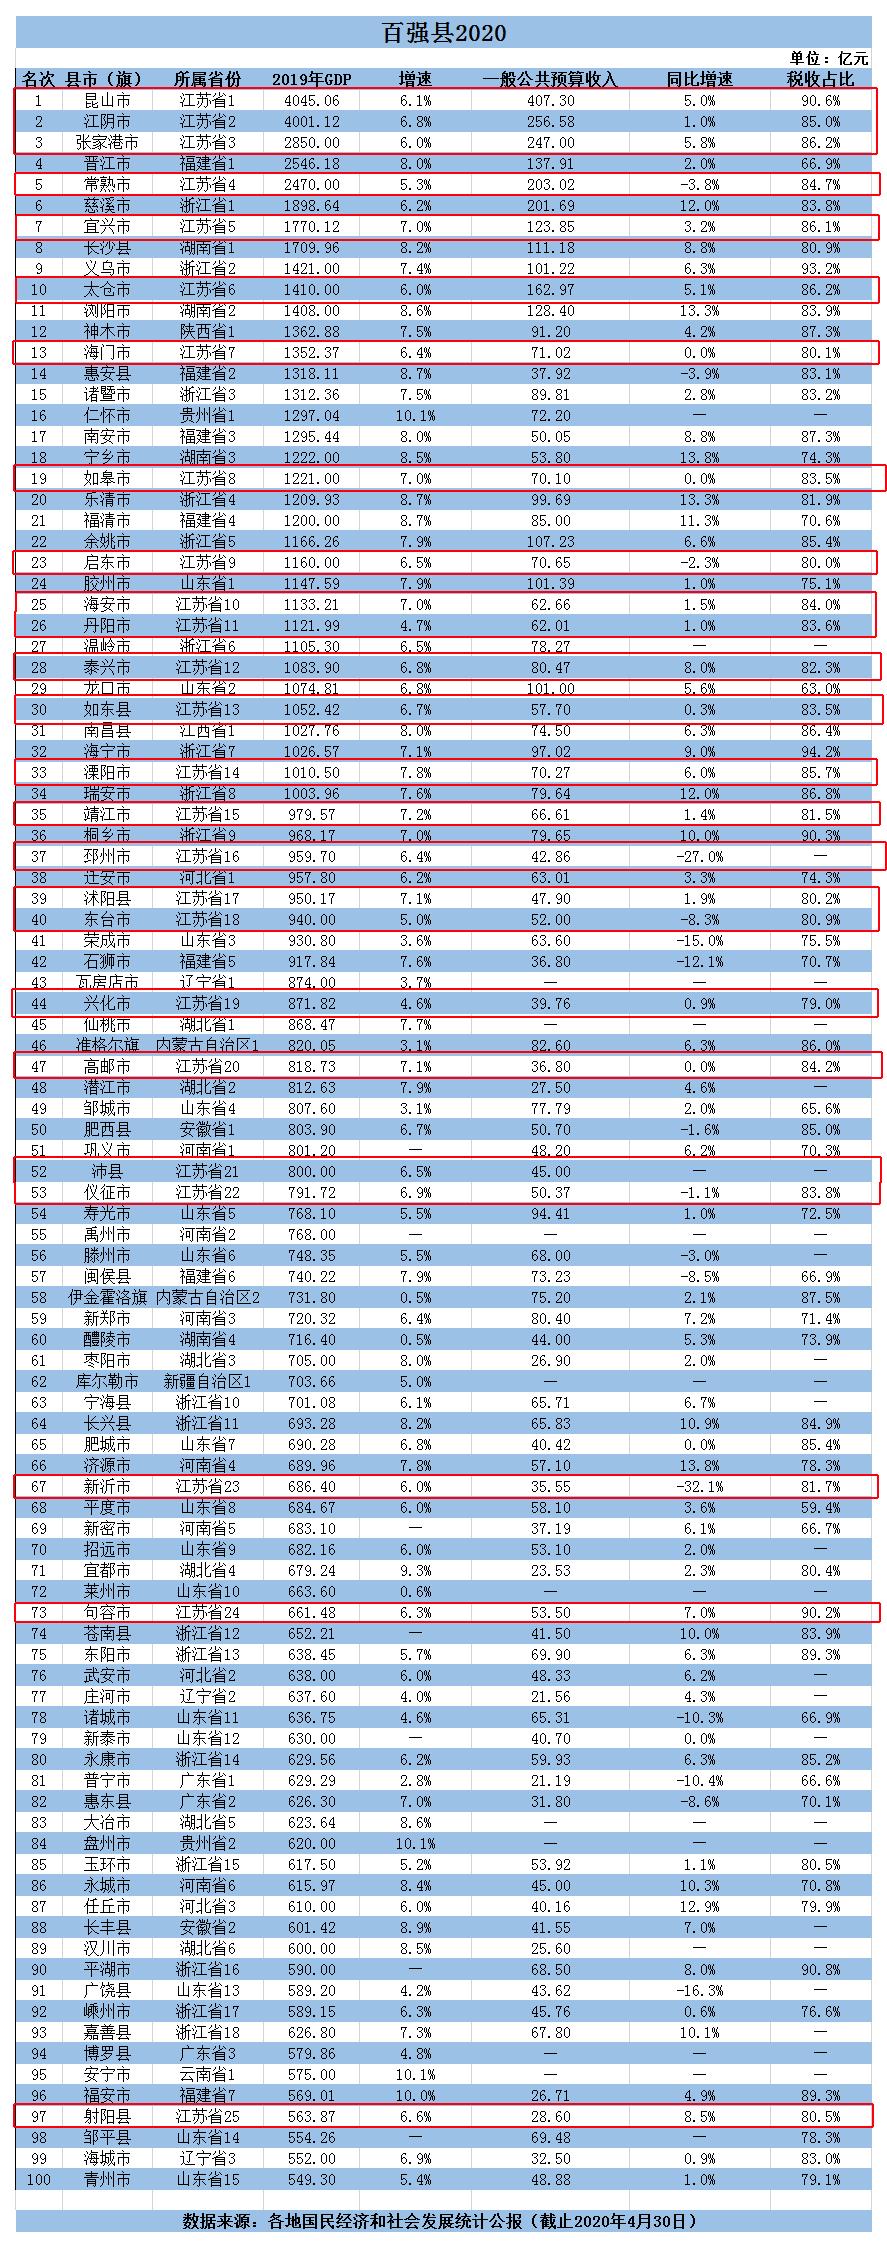 摩天注册:县榜摩天注册单来了看不懂这个经济大图片